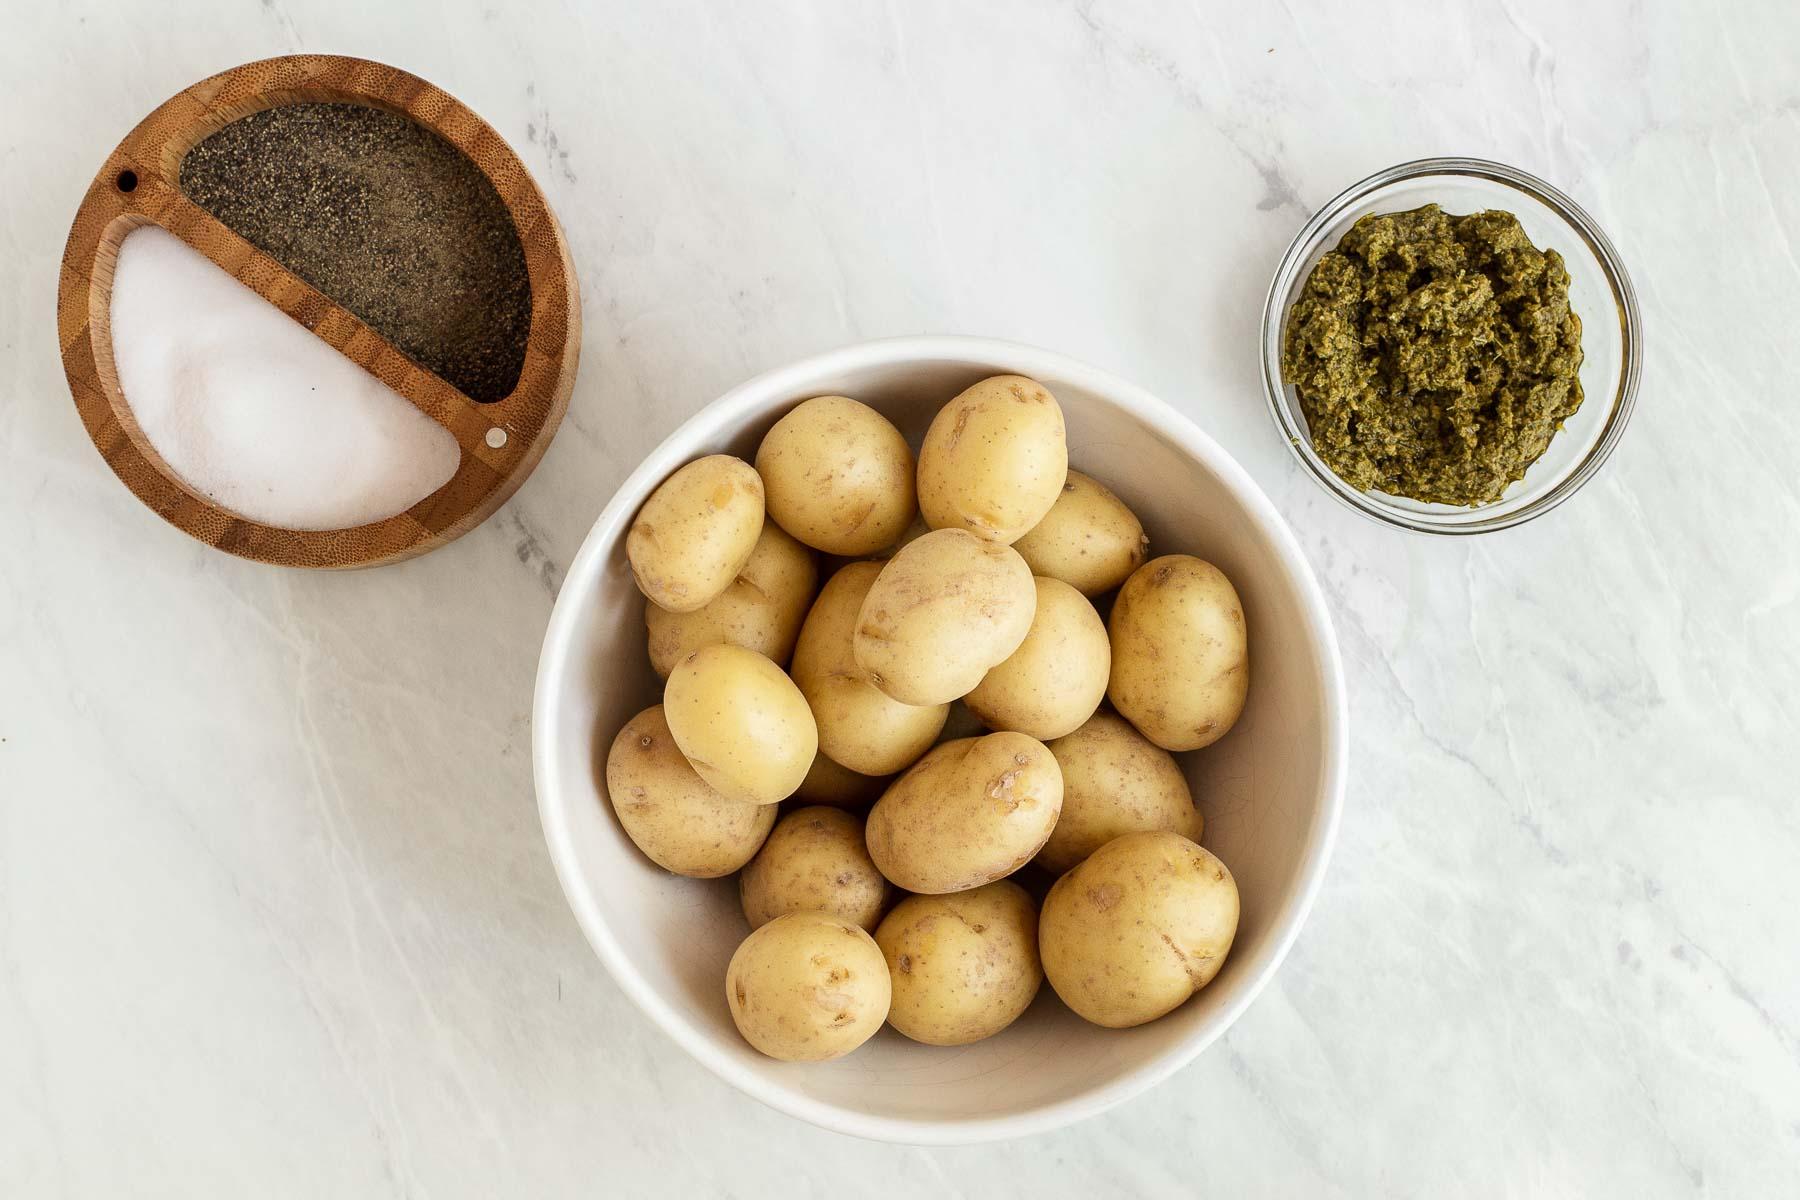 Ingredients to make pesto potatoes on white table.